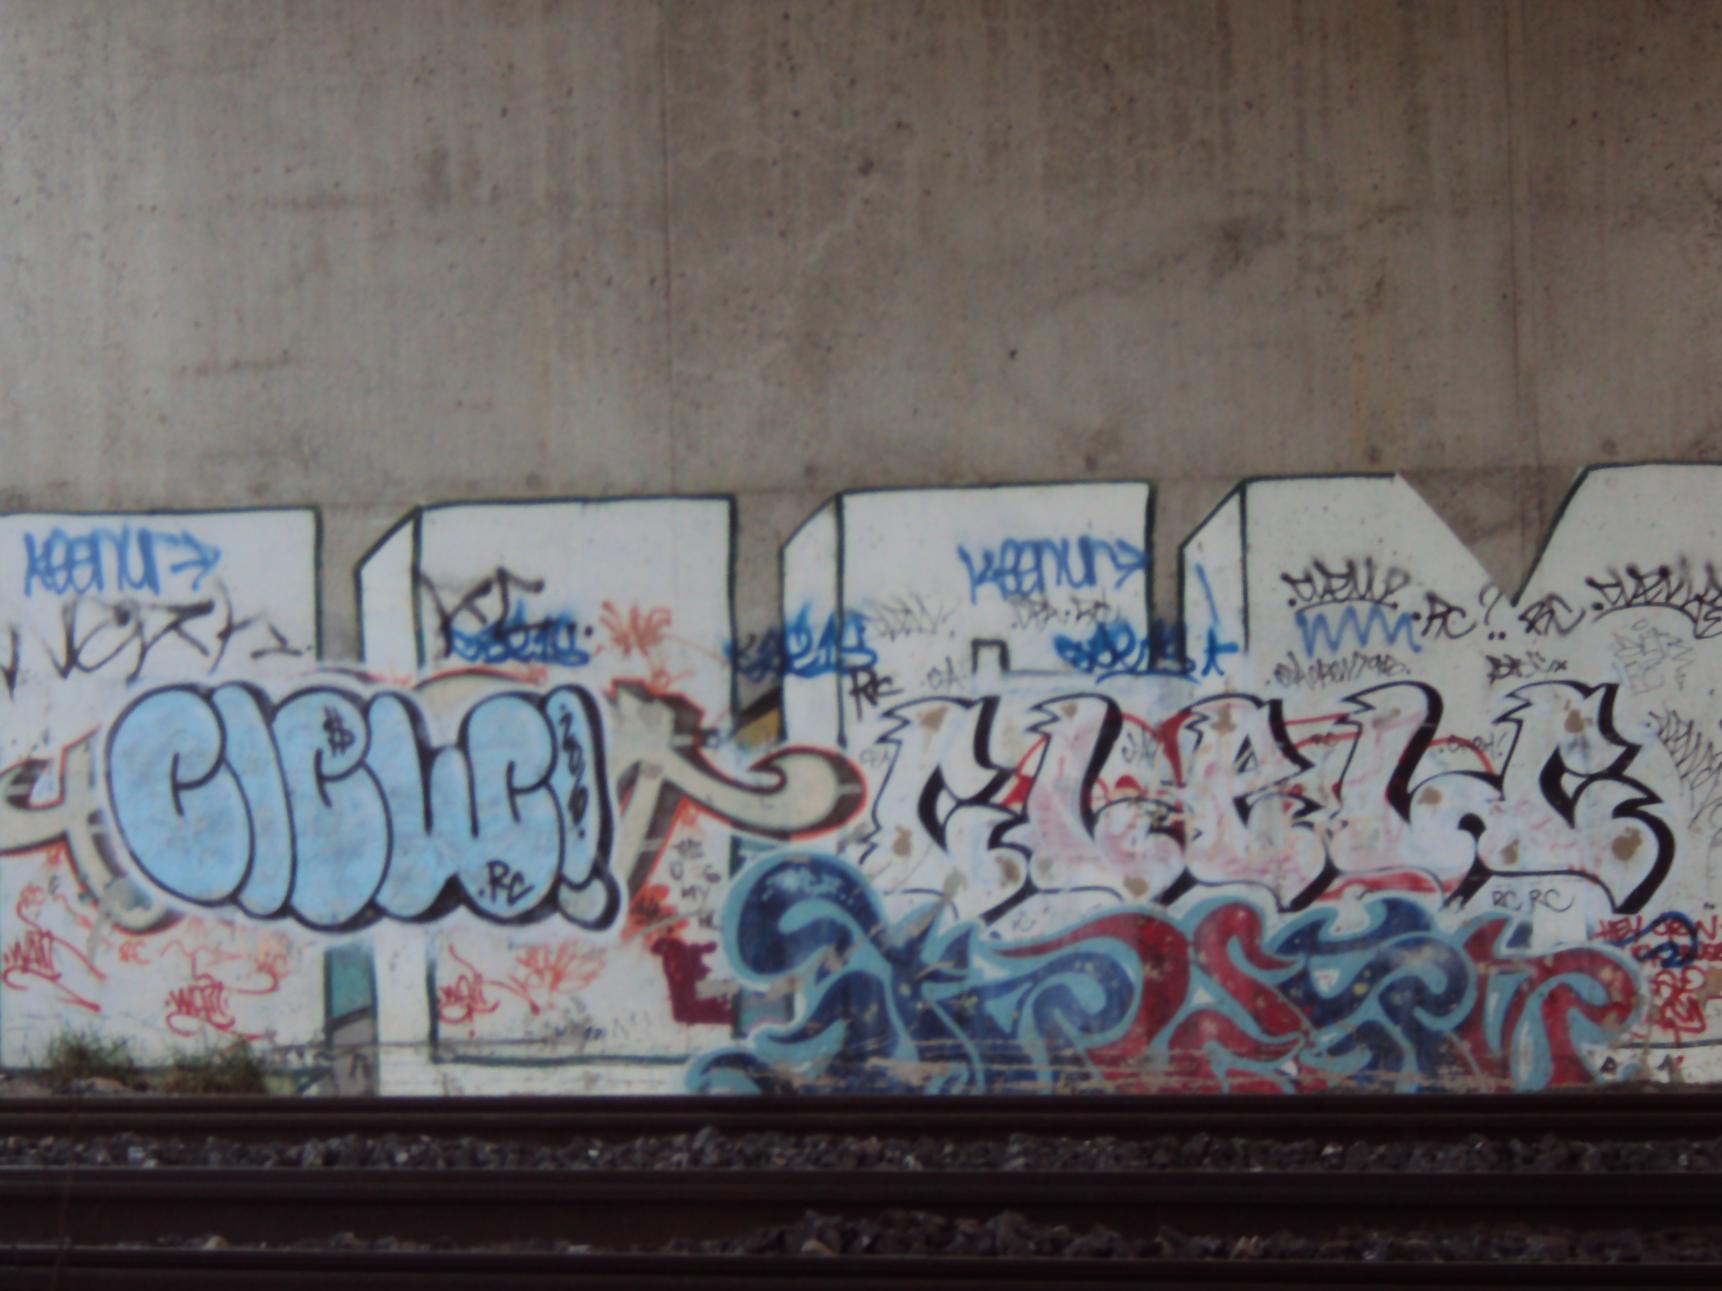 Aaphotos 681.jpg